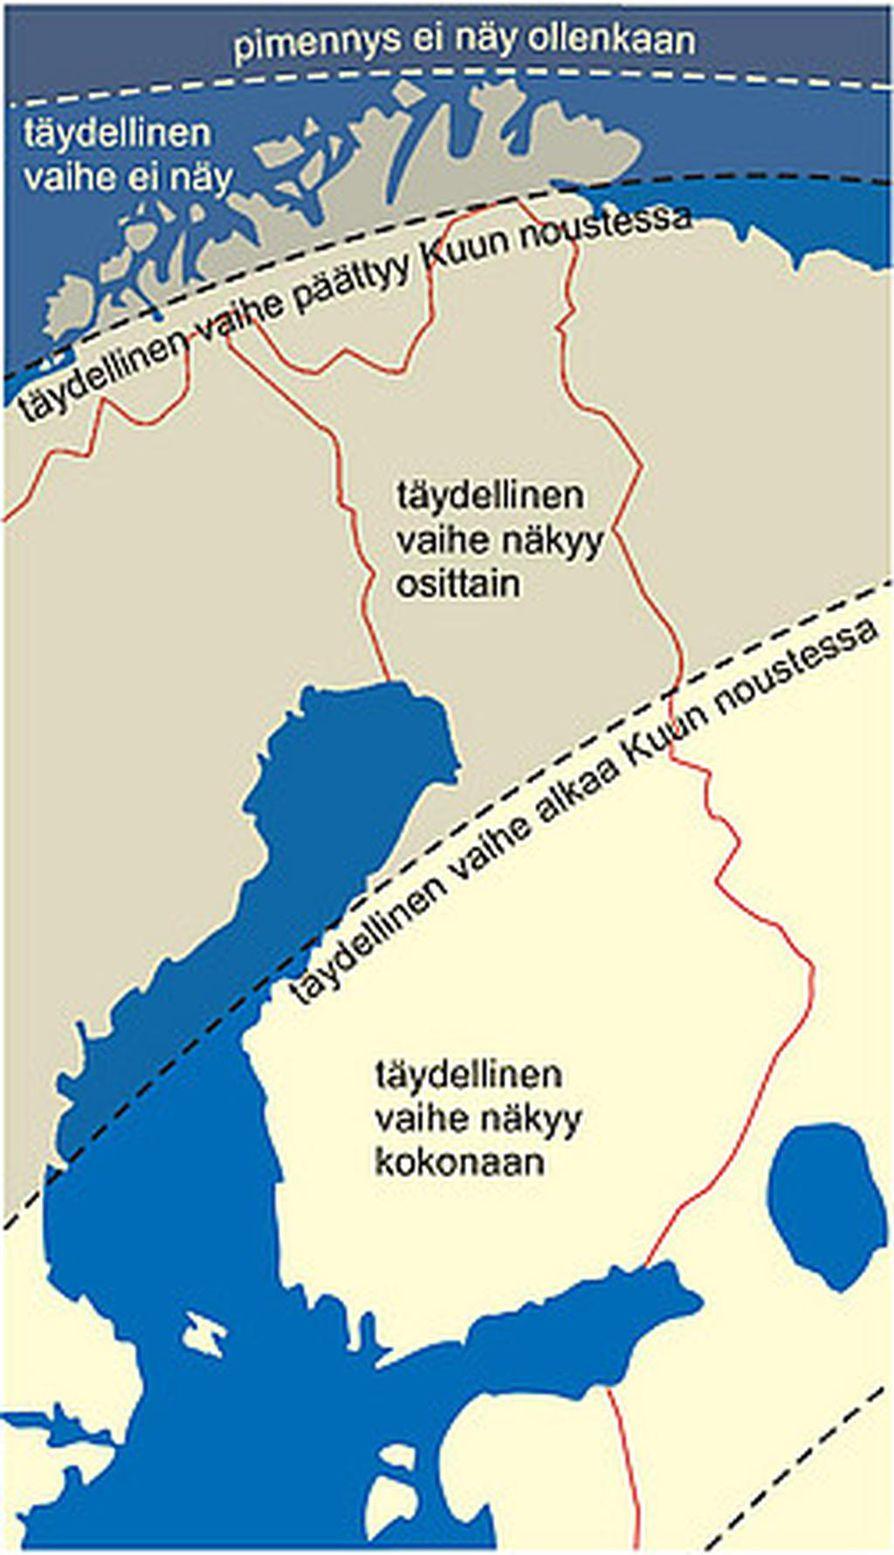 Näin kuunpimennys näkyy eripuolilla Suomea.